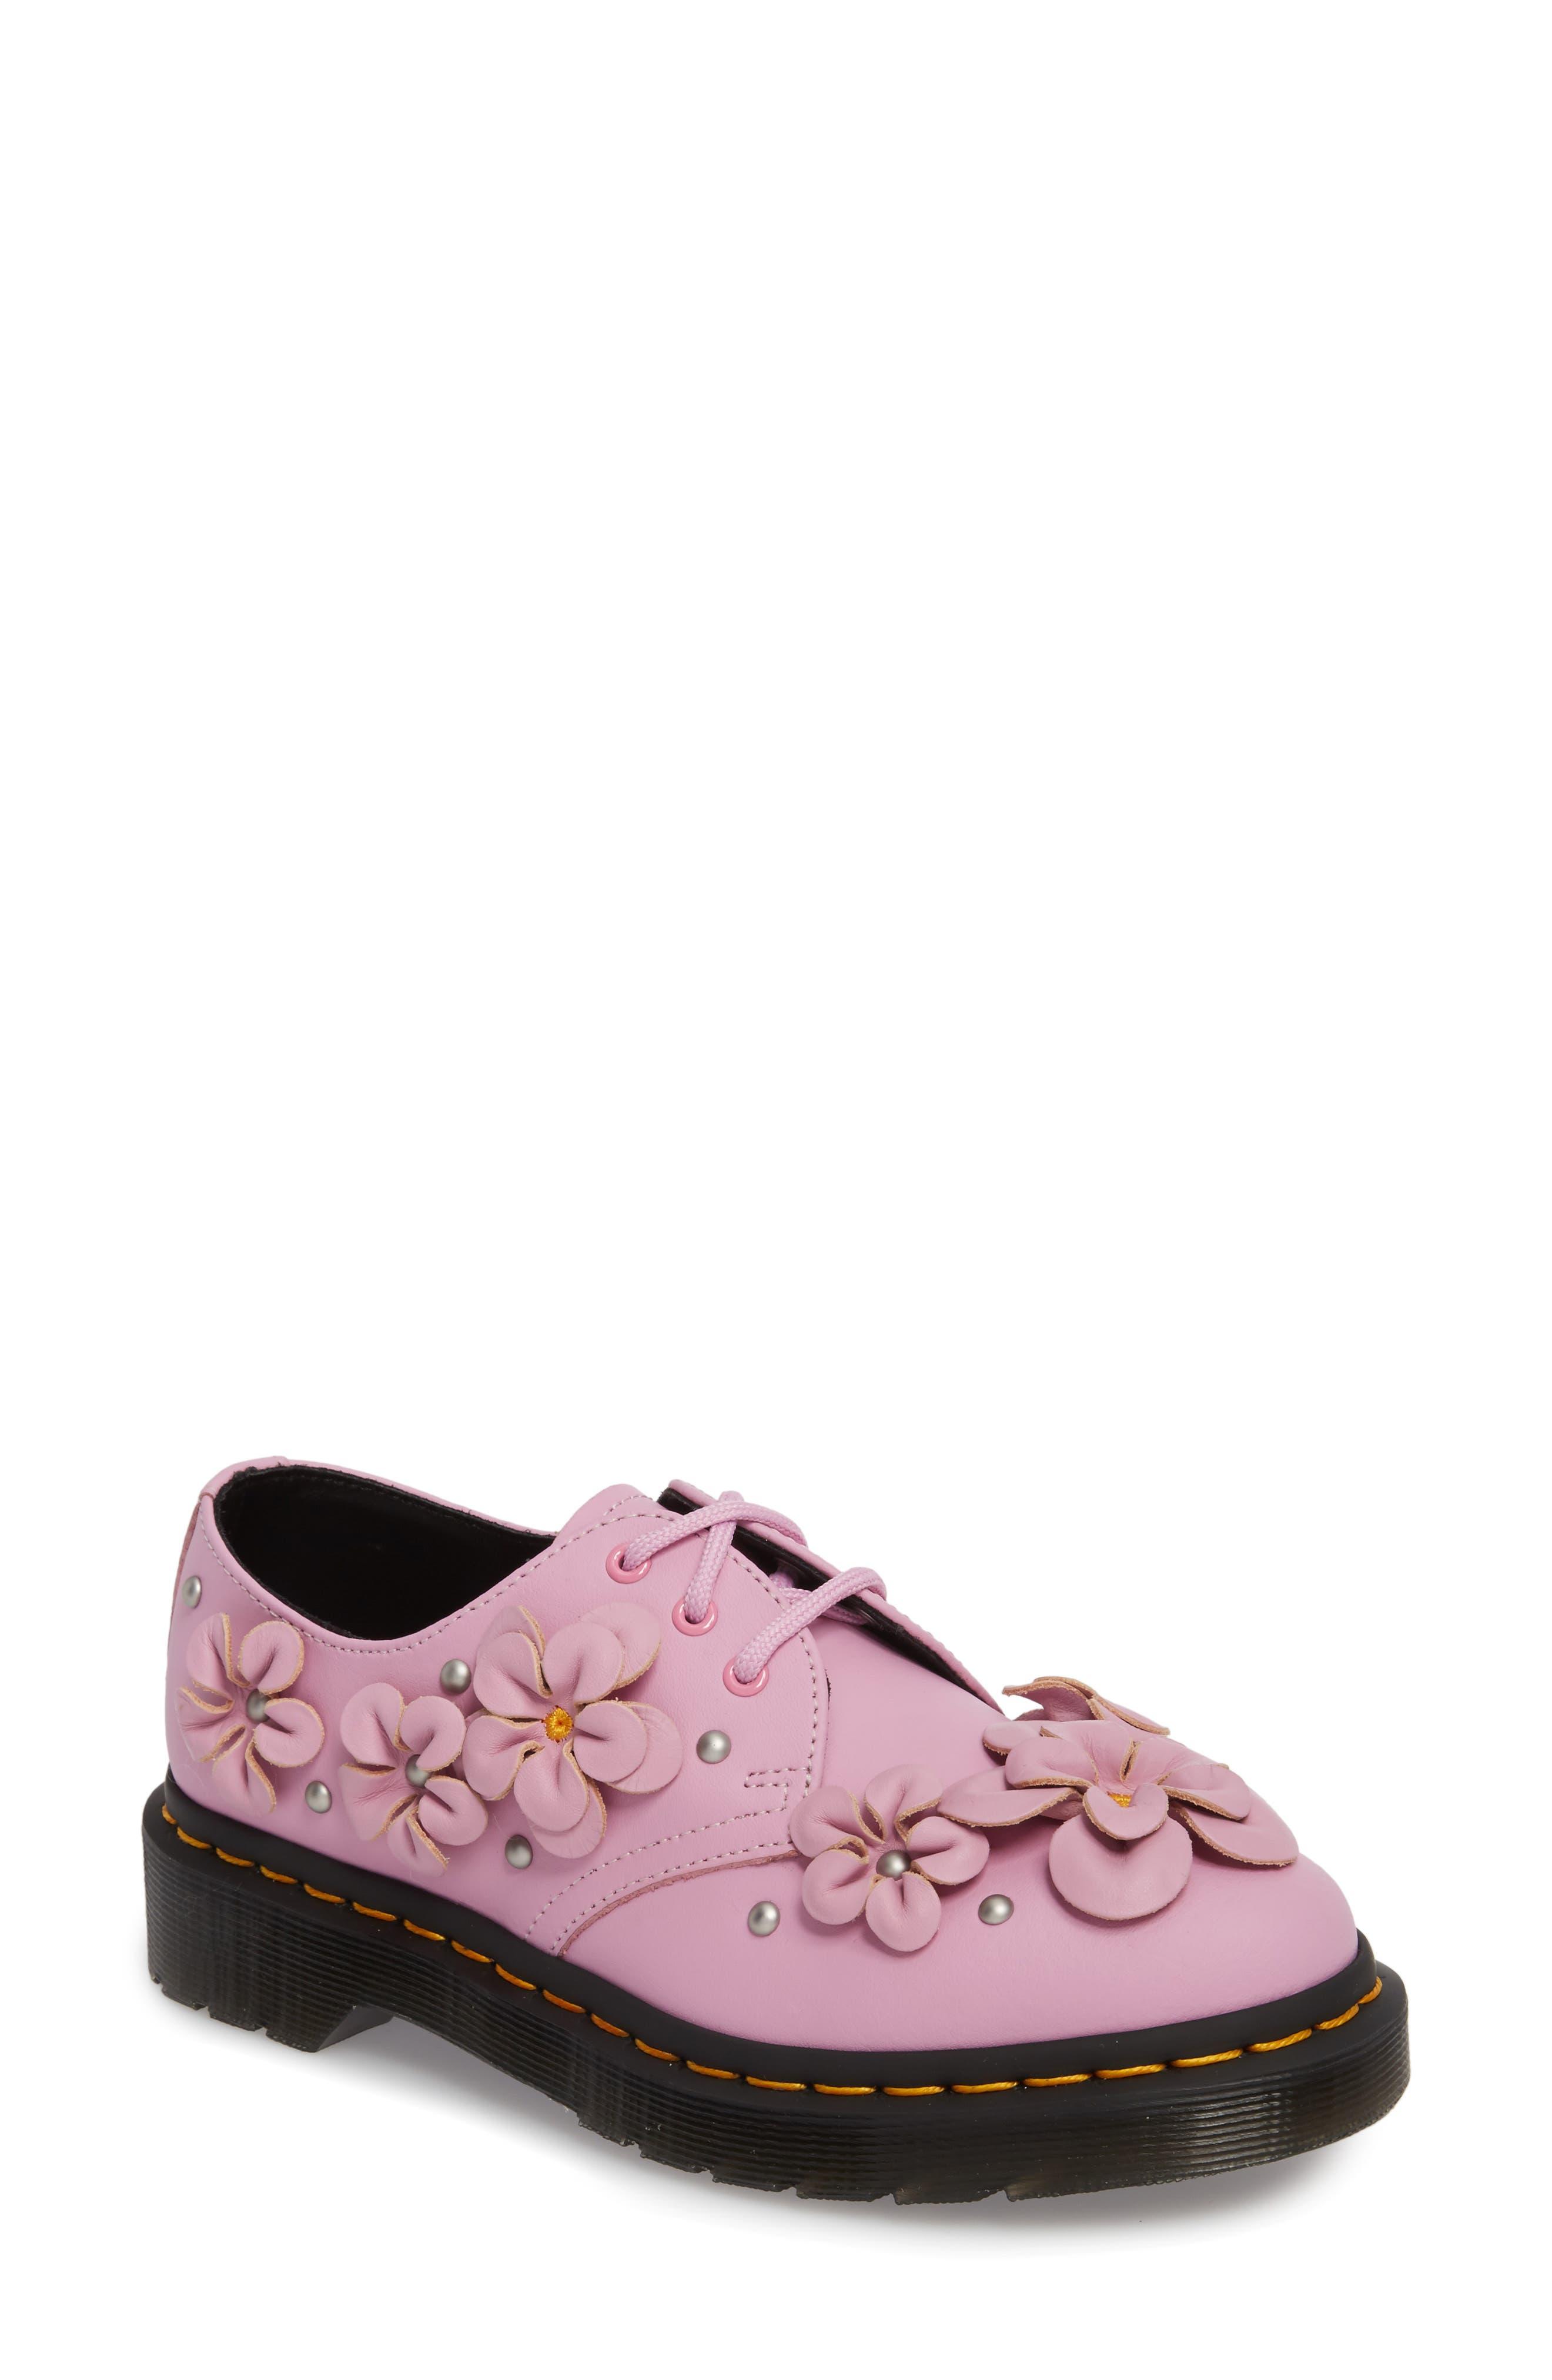 wide fletcher comfort walmart therapeutic dr slipper shoes com comforter width scholls men doctor s ip